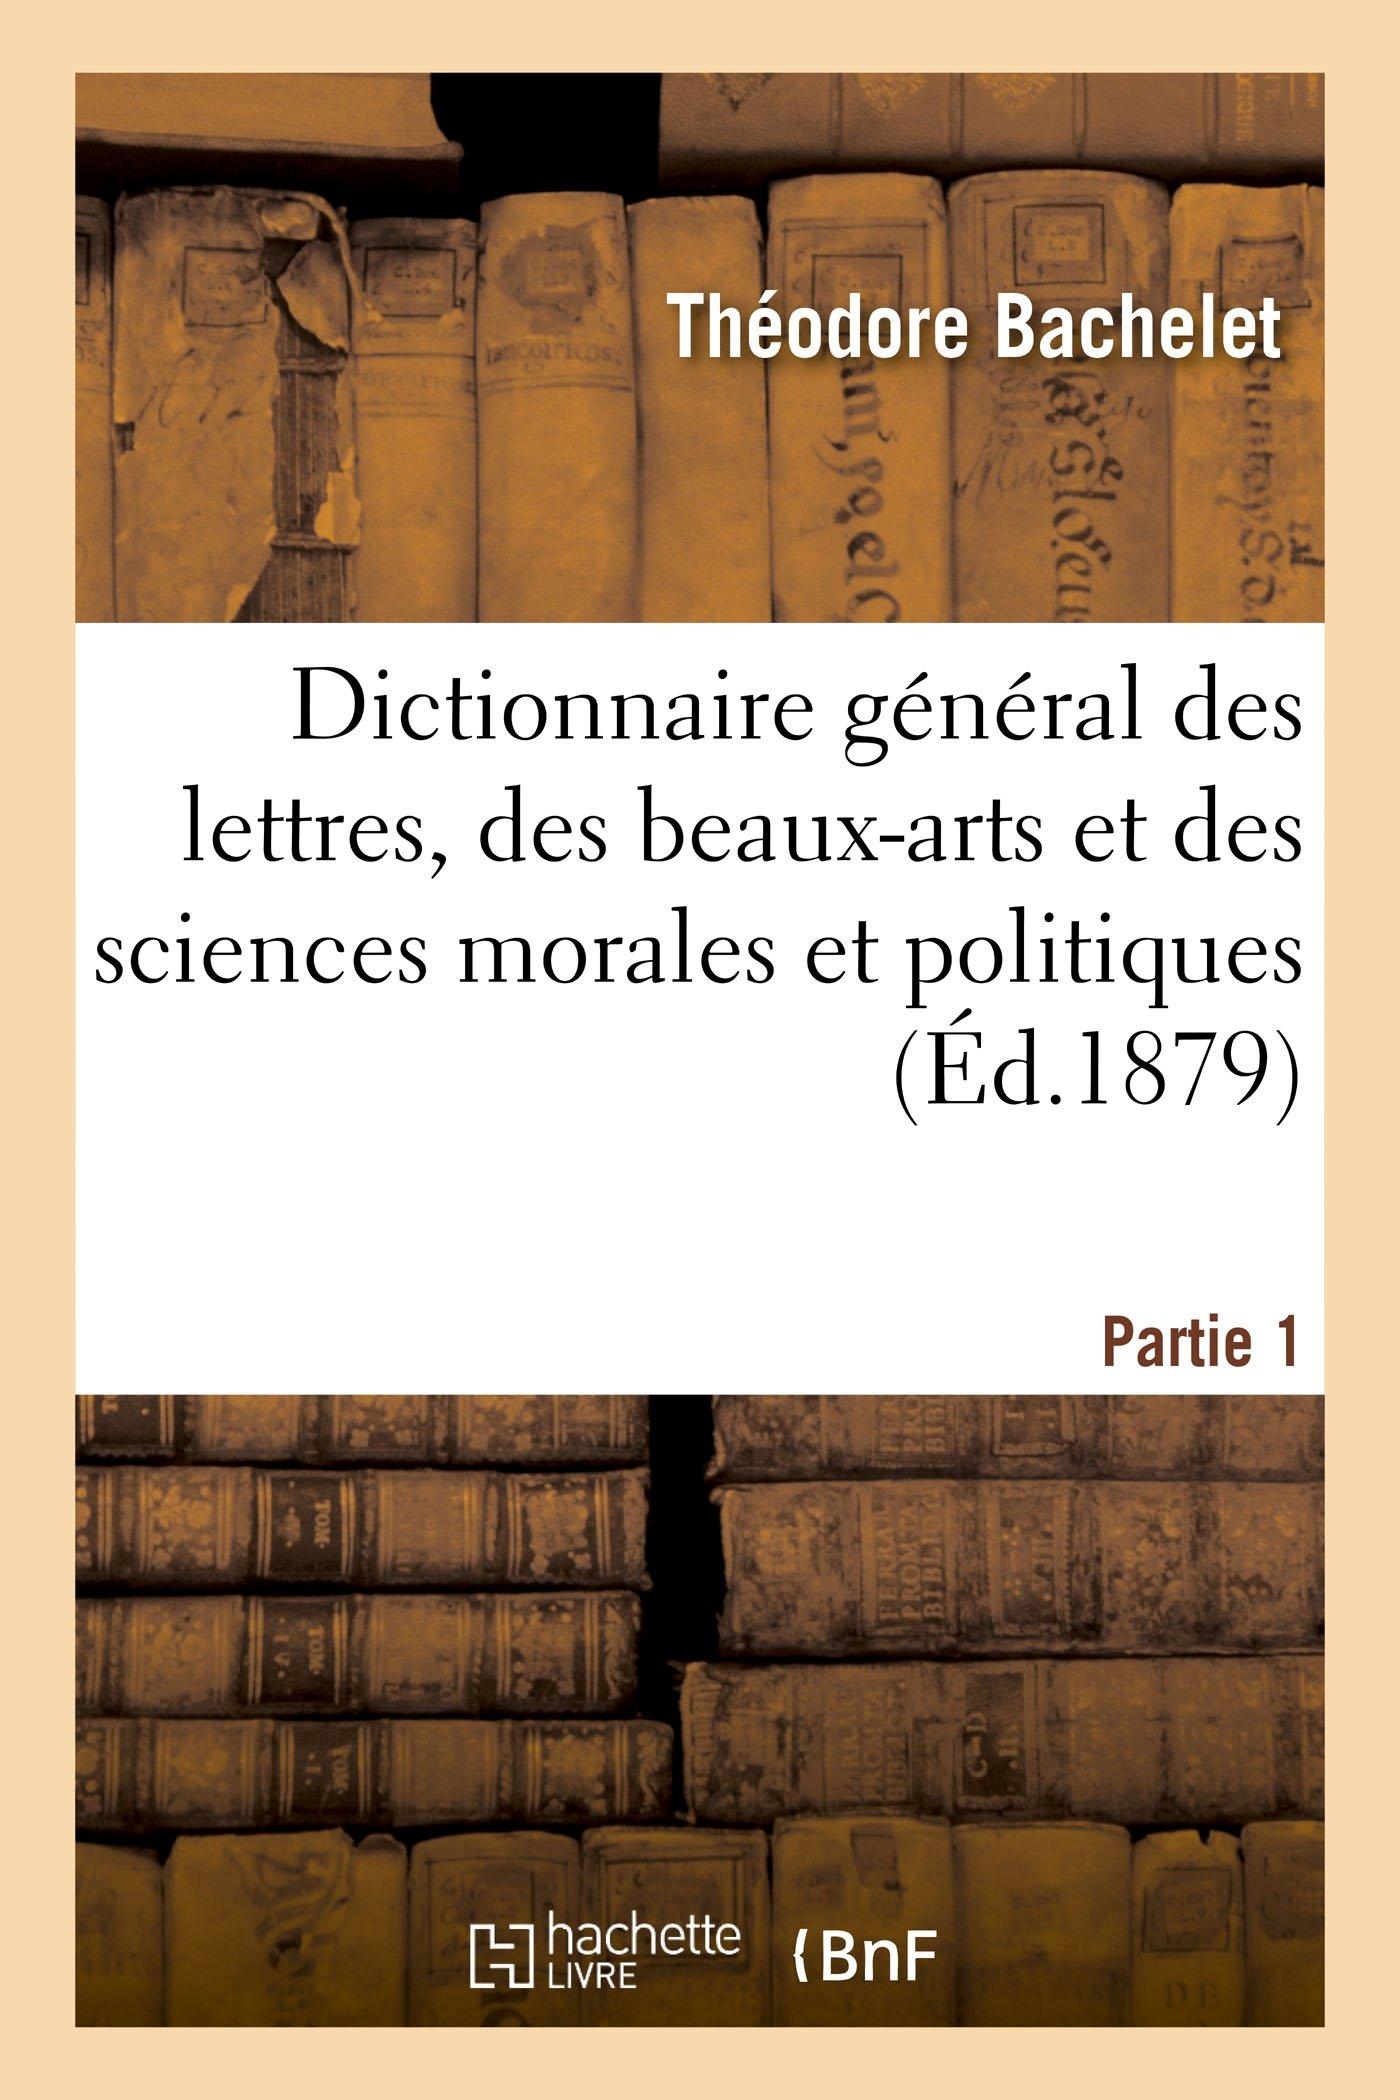 Download Dictionnaire Général Des Lettres, Des Beaux-Arts Et Des Sciences Morales Et Politiques Partie 1 (Generalites) (French Edition) pdf